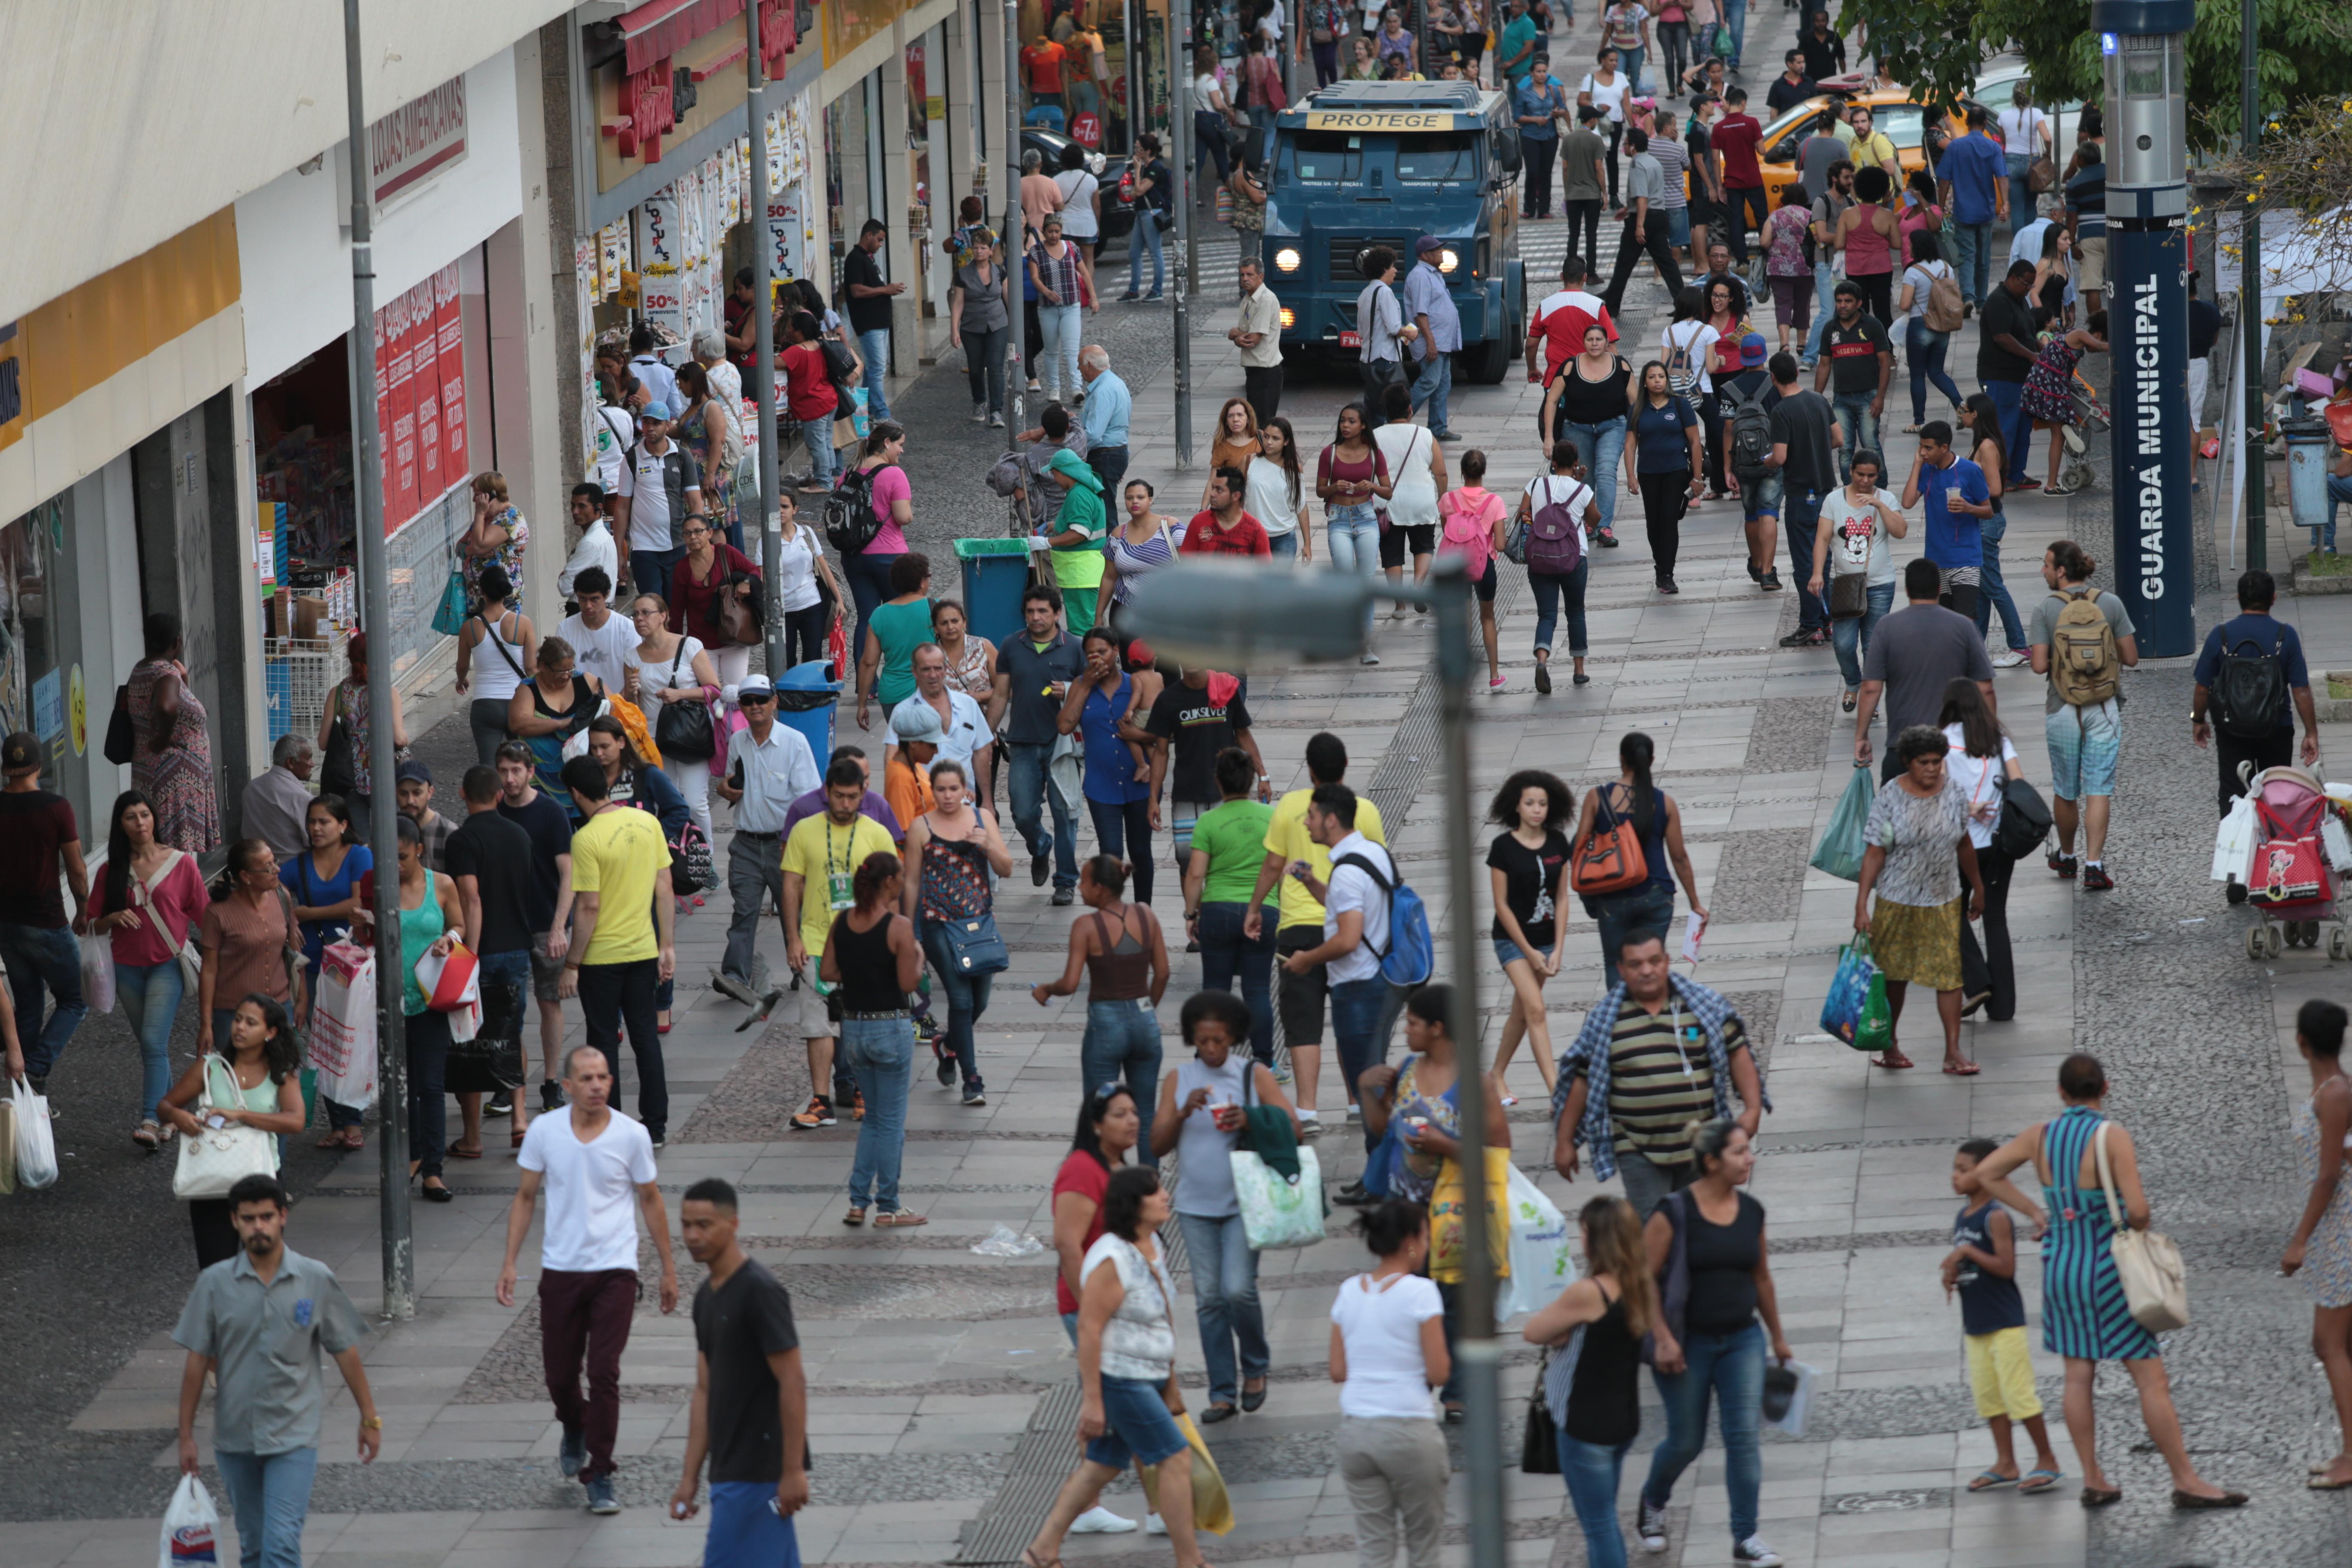 Coronavírus deve gerar queda de 2% nas vendas do comércio da região